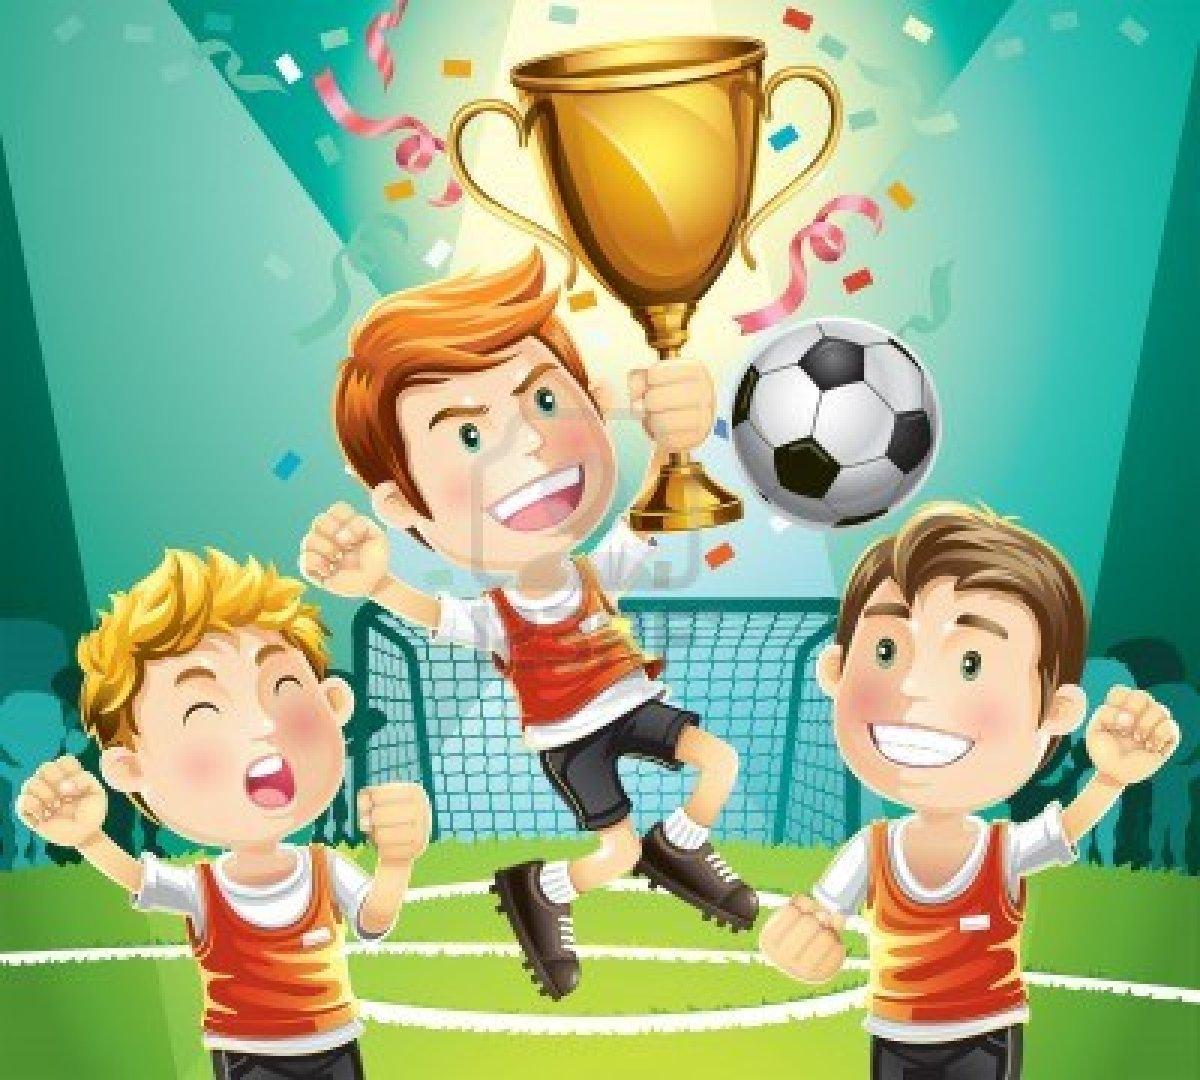 Gifs animados de Futbol animaciones de Futbol - Imagenes De Futbol Animado